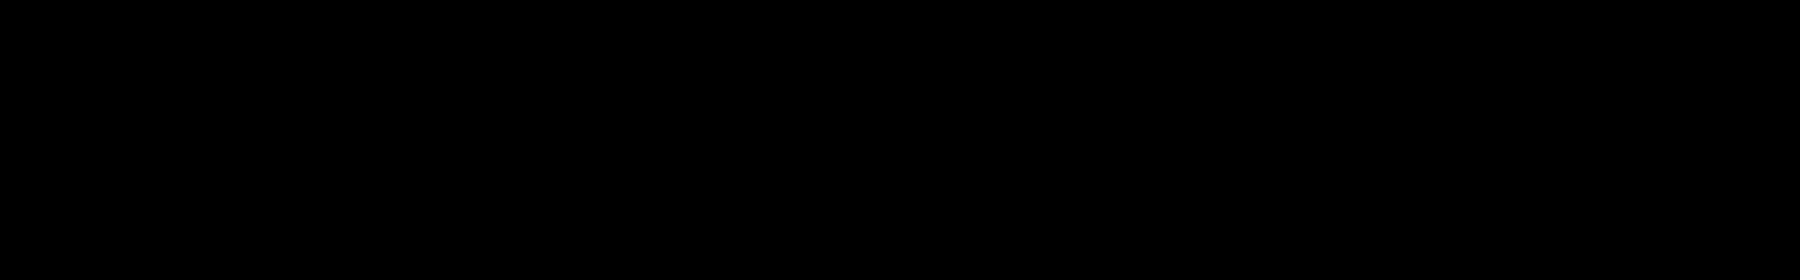 Unmüte Organix For Serum audio waveform